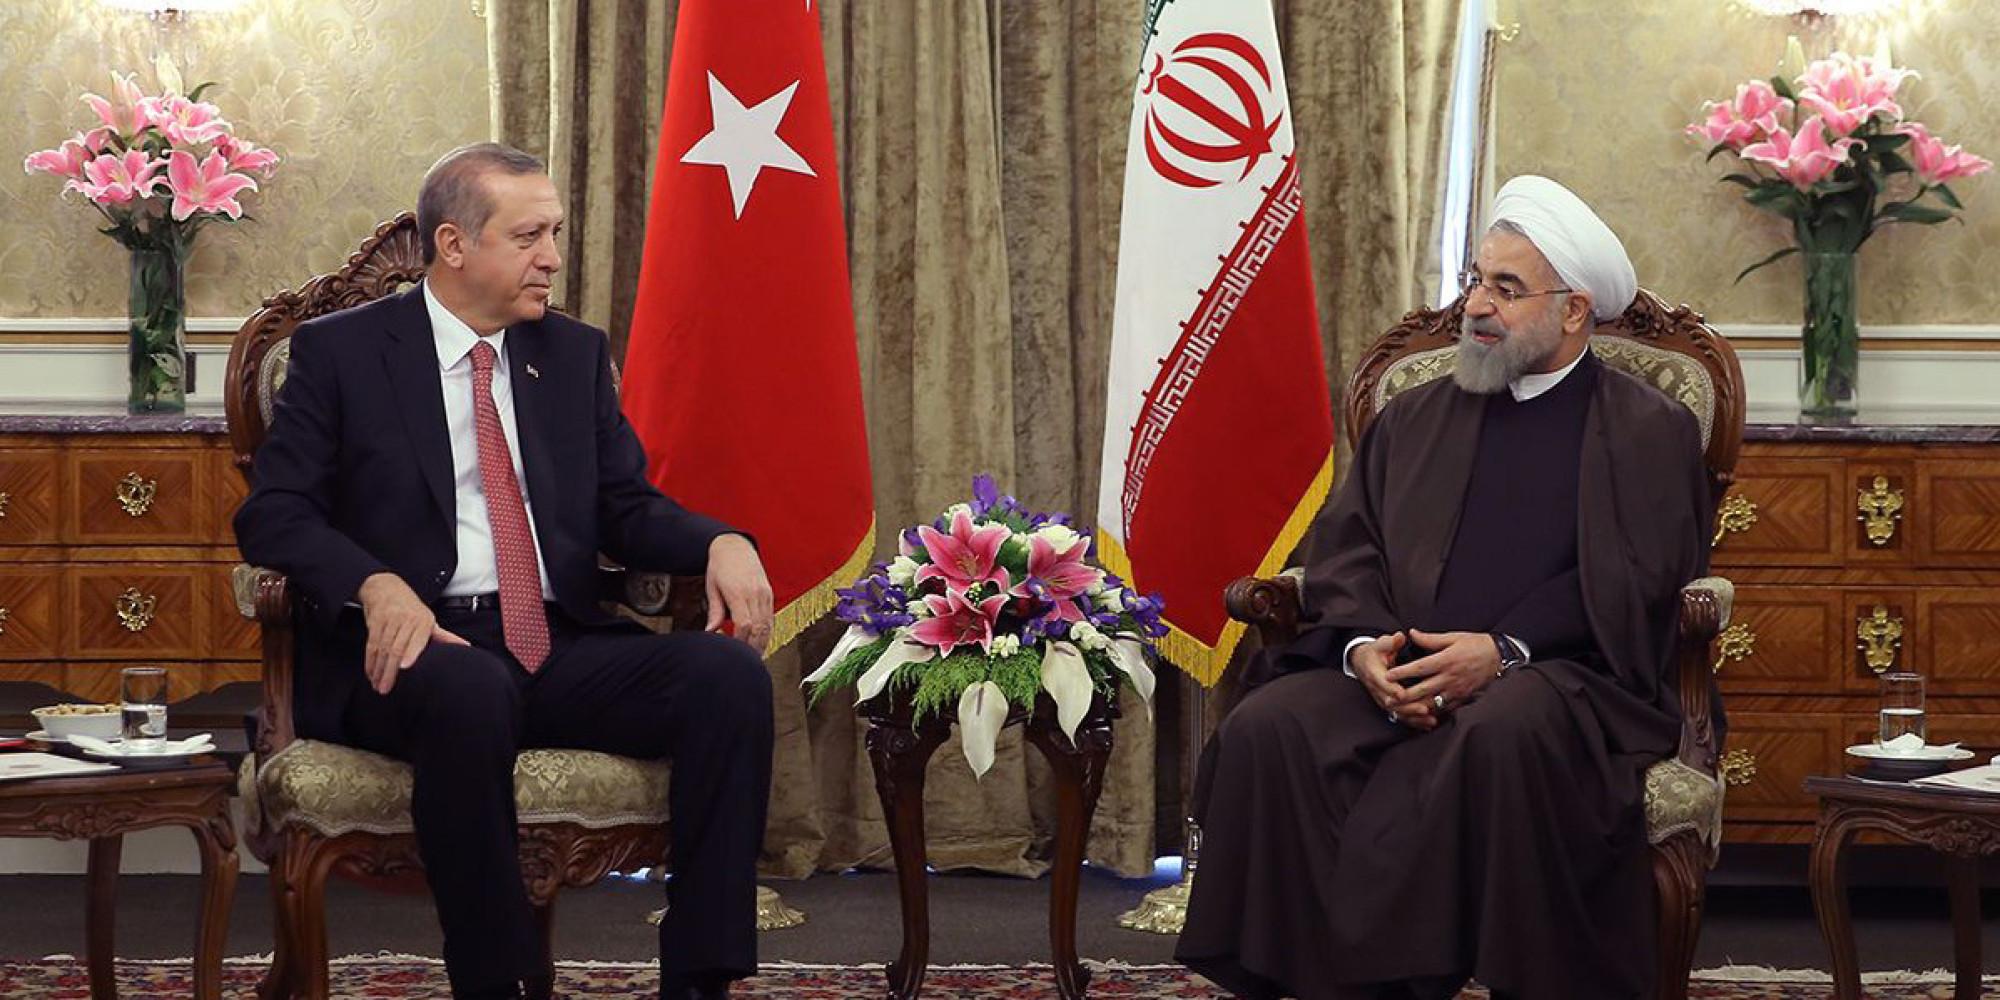 دوافع العلاقات الإيرانية ـ التركية وأبعادها